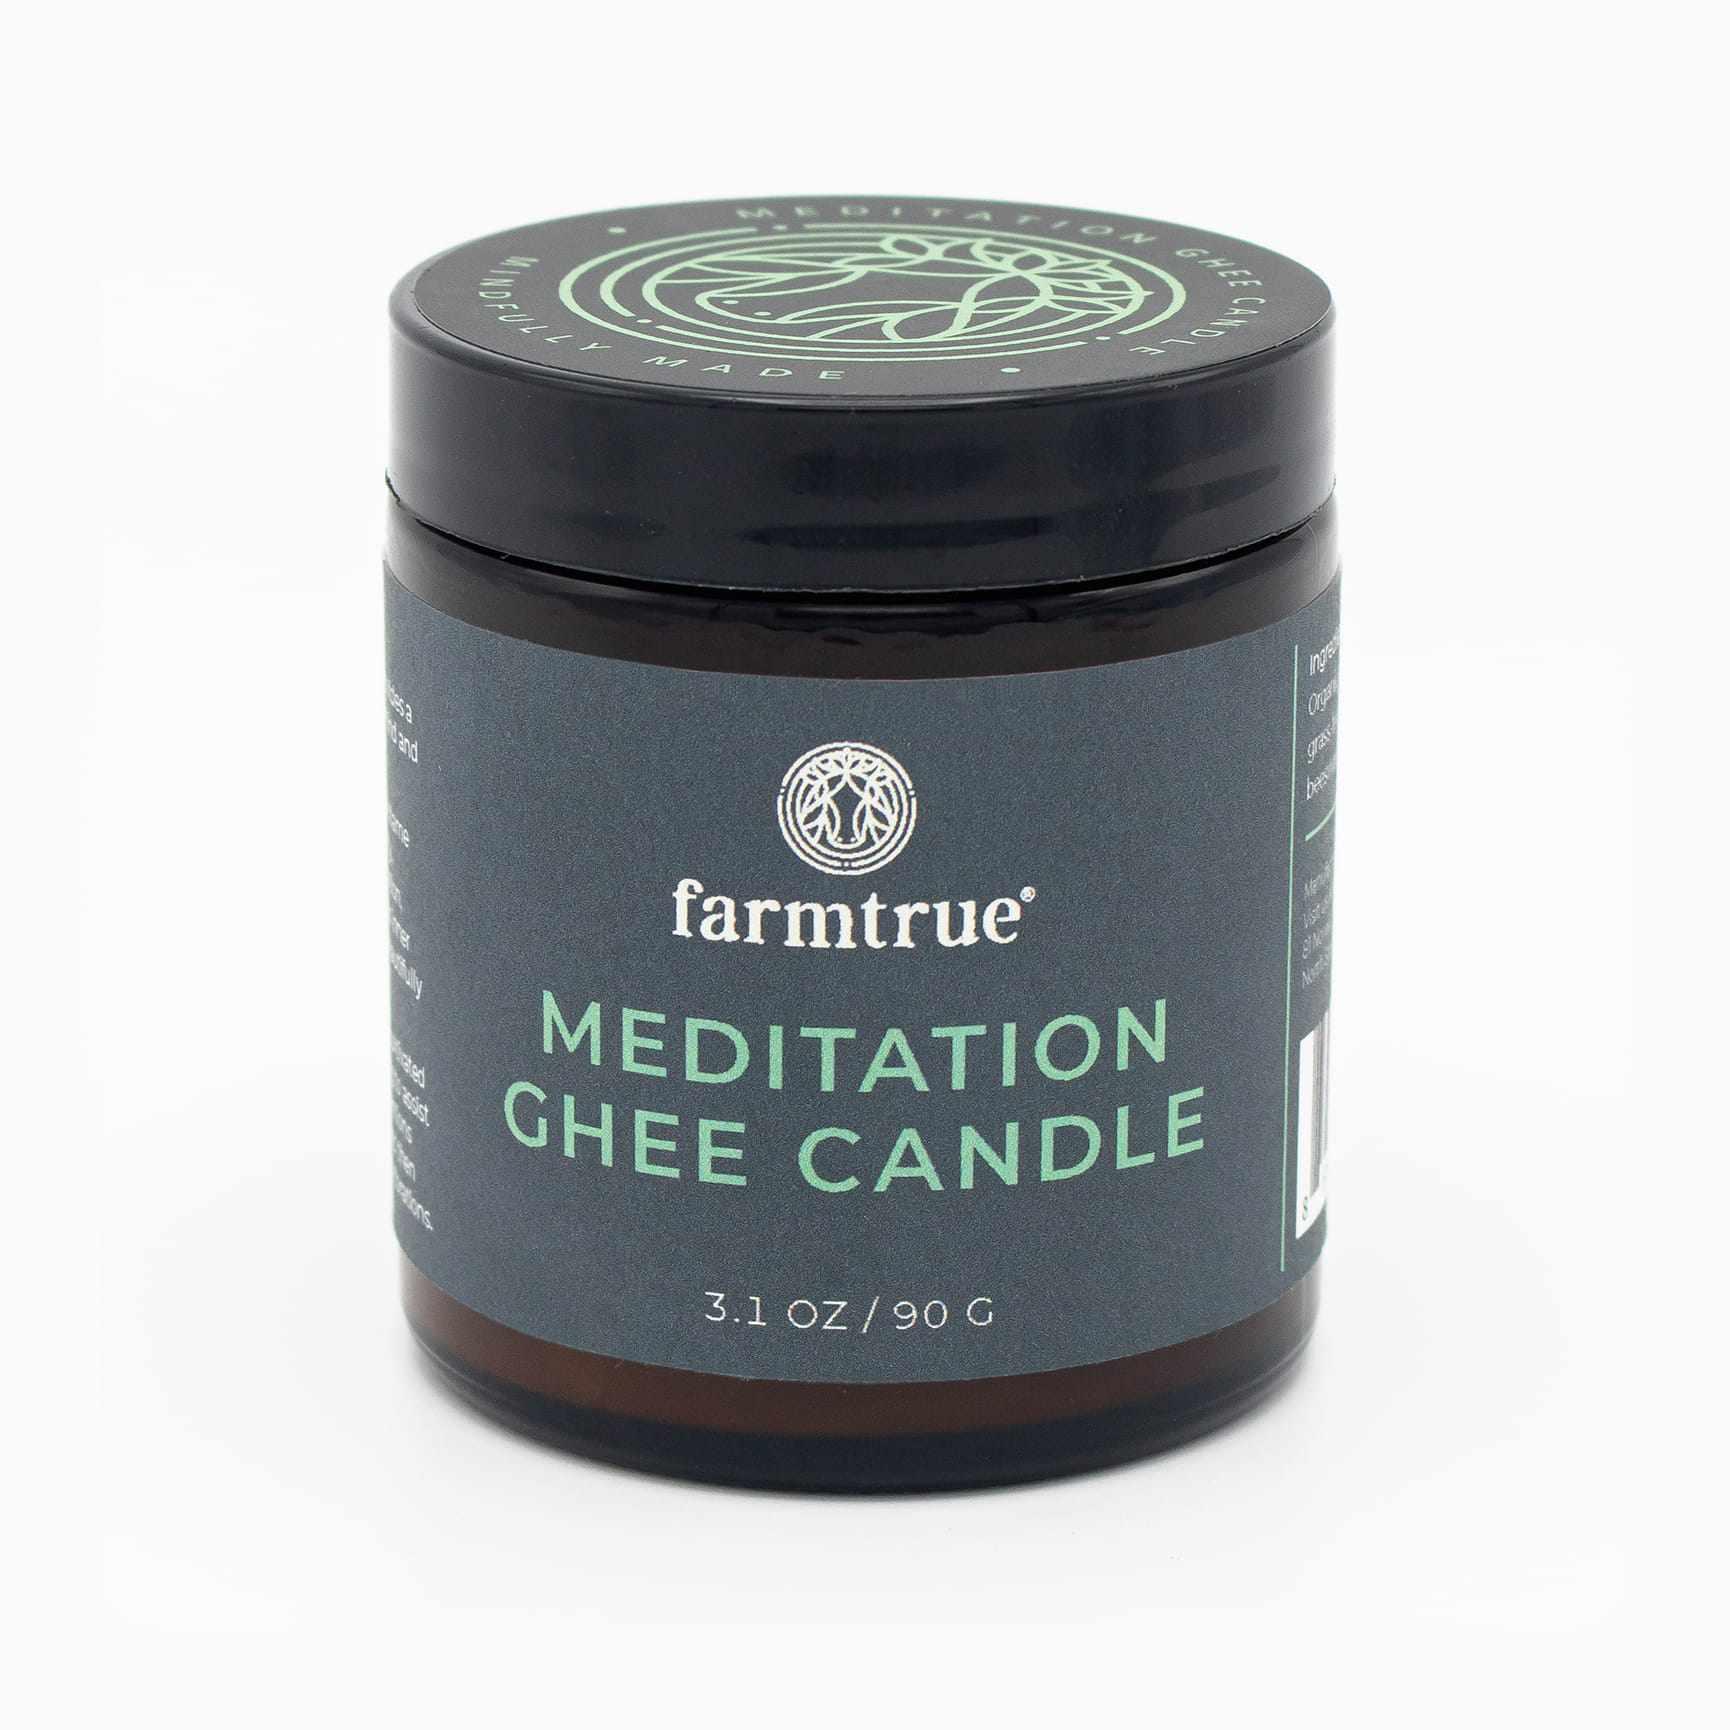 Farmtrue Meditation Ghee Candle